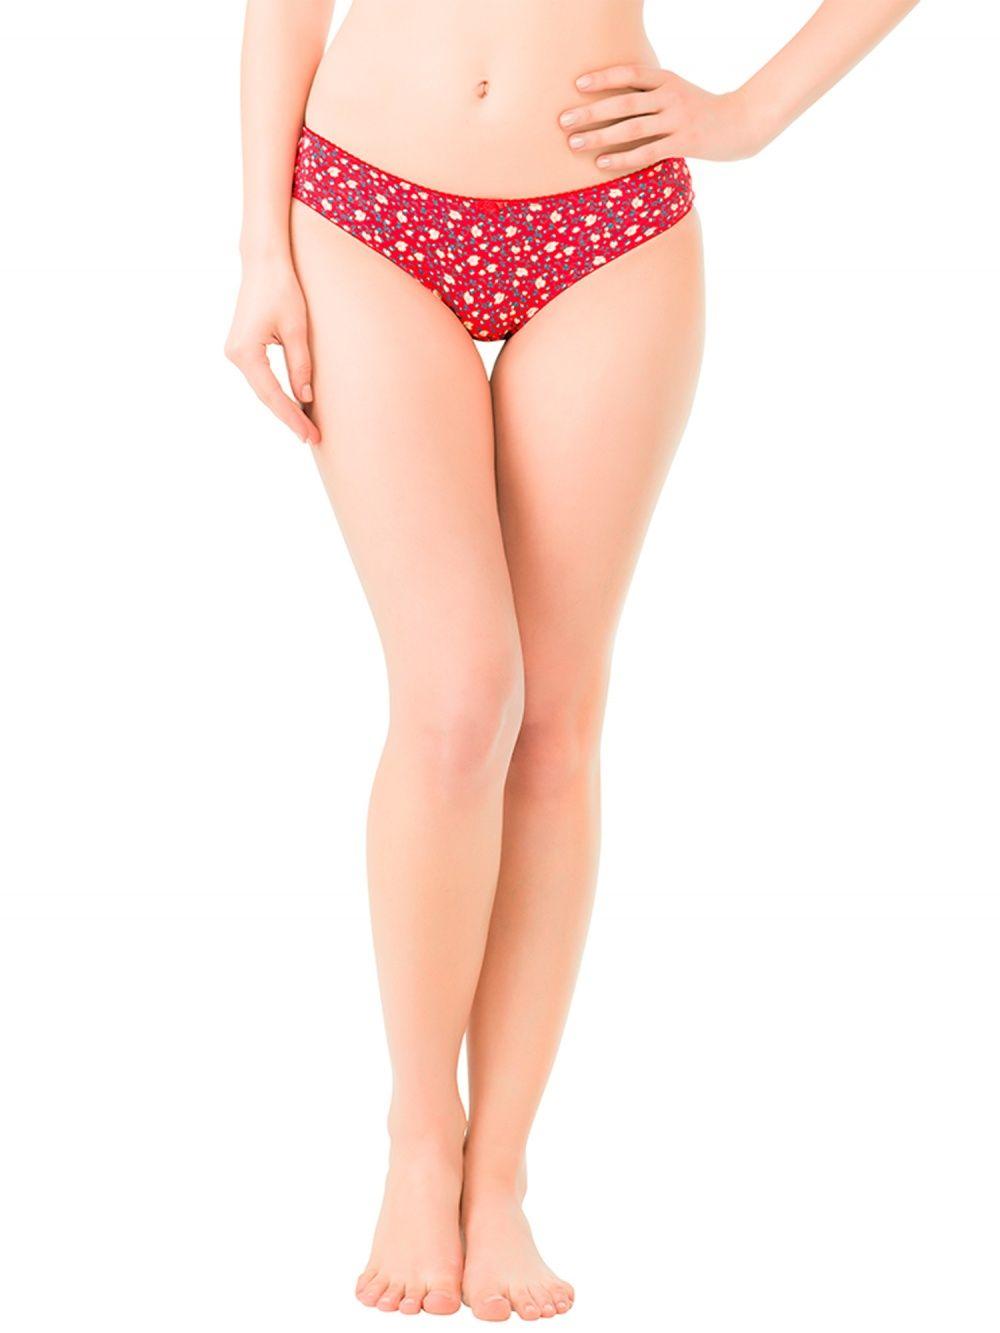 abd8c562a5b3 Amante Lingerie : Buy Amante Florette Floral Print Red Panty Online ...